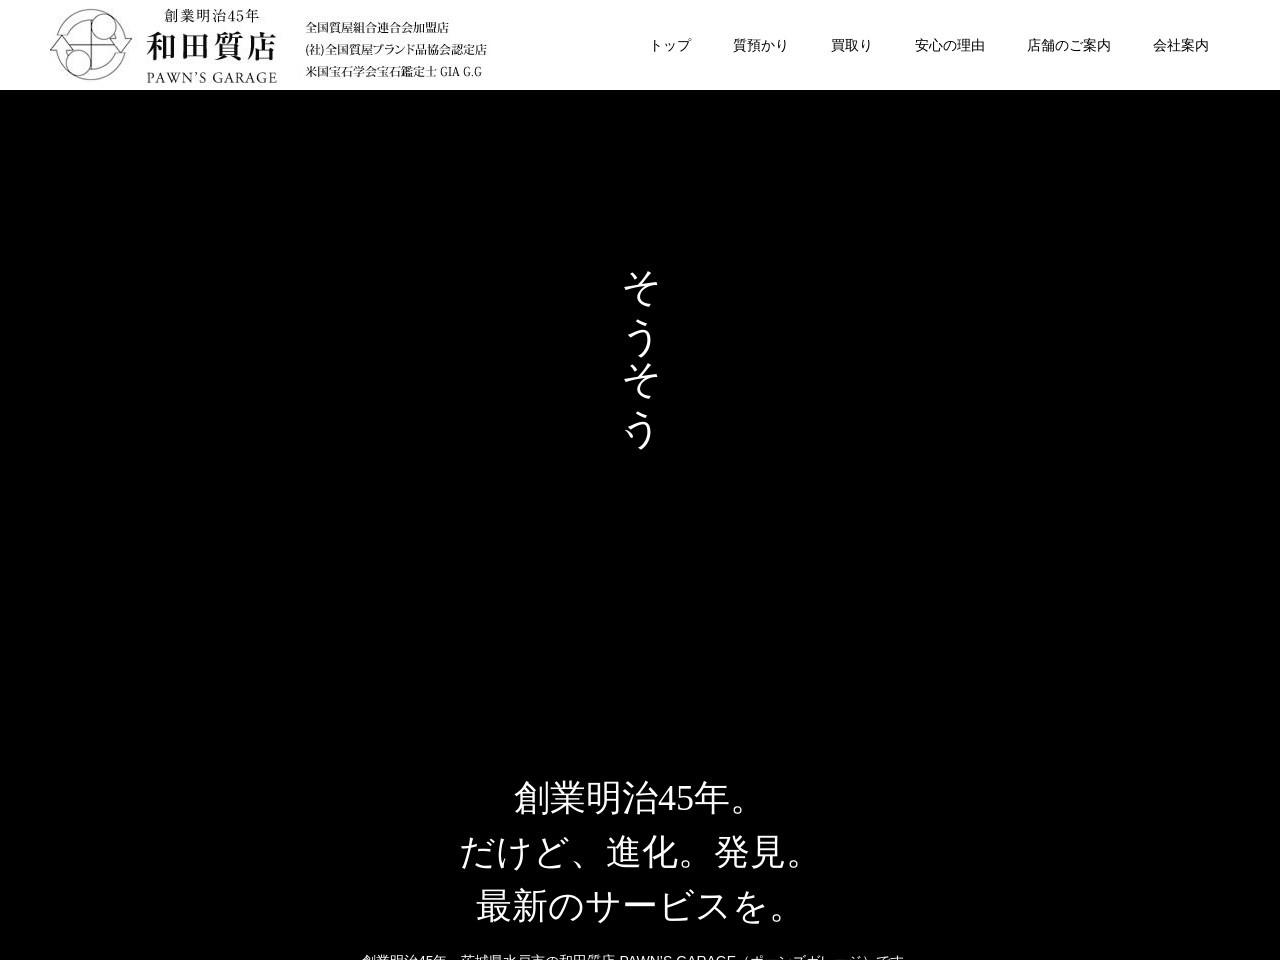 茨城の水戸や日立で質屋、買取りなら和田質店PAWN'S GARAGEへ